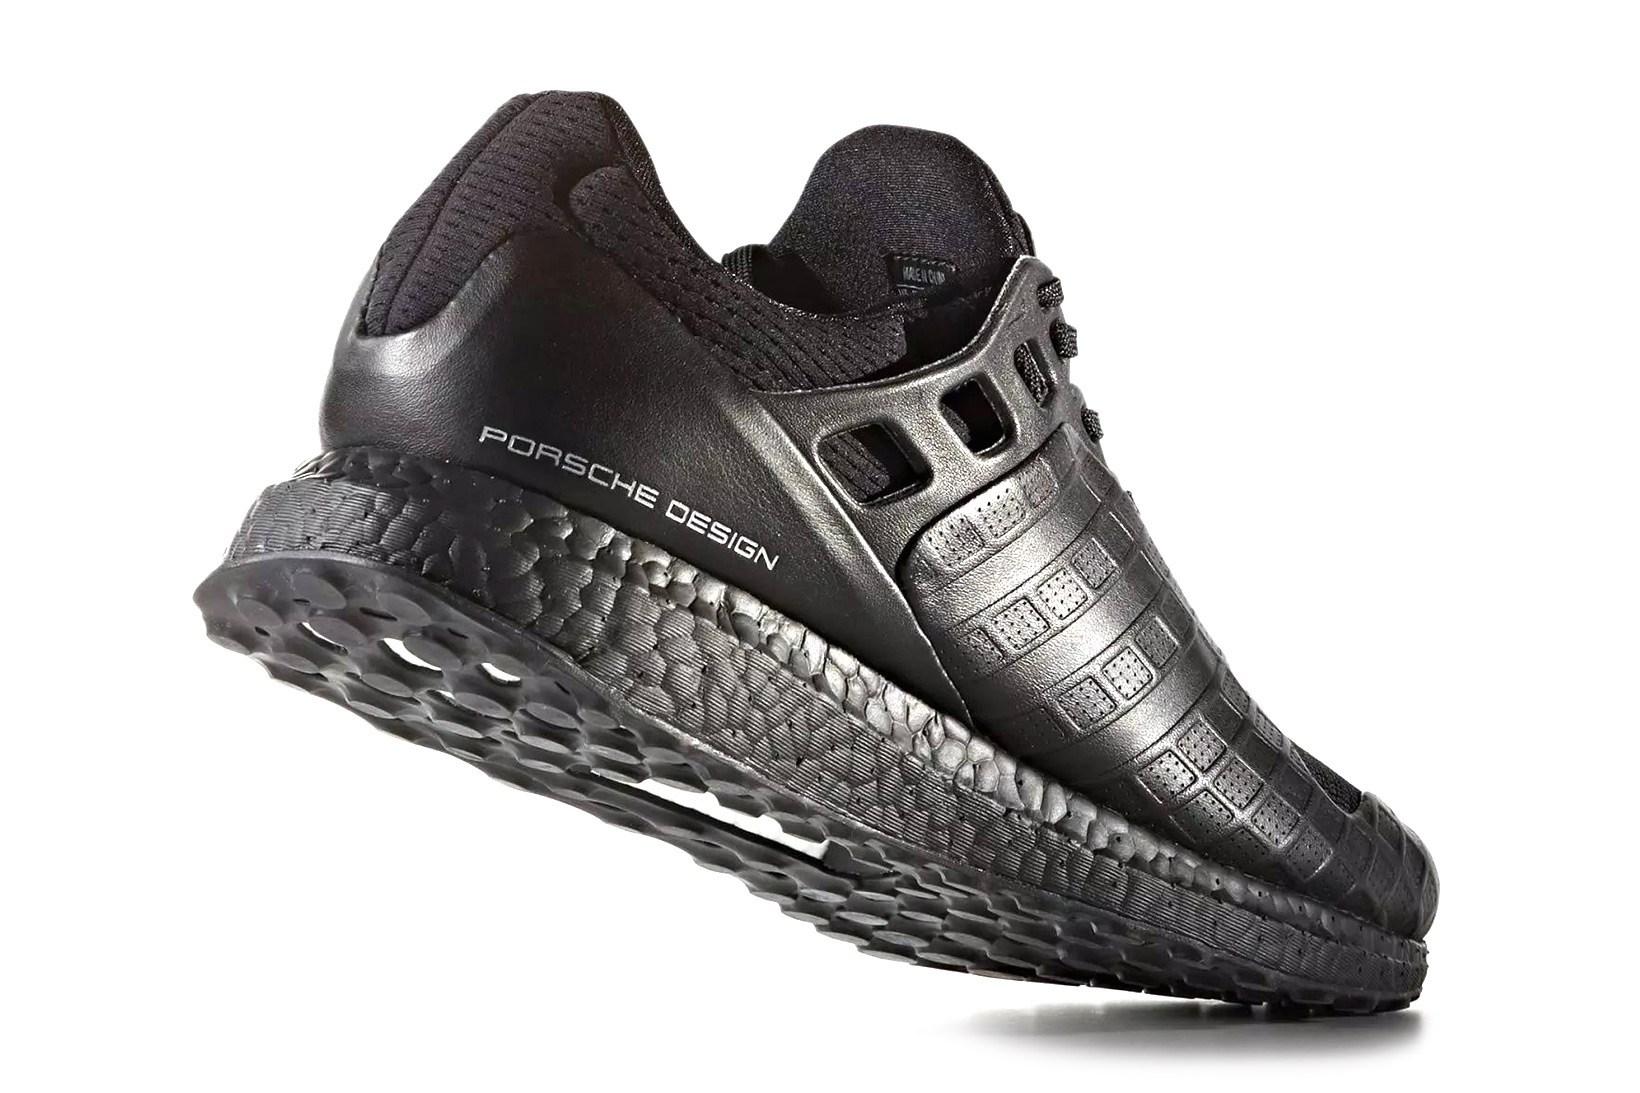 adidas-porsche-design-ultraboost-02.jpg